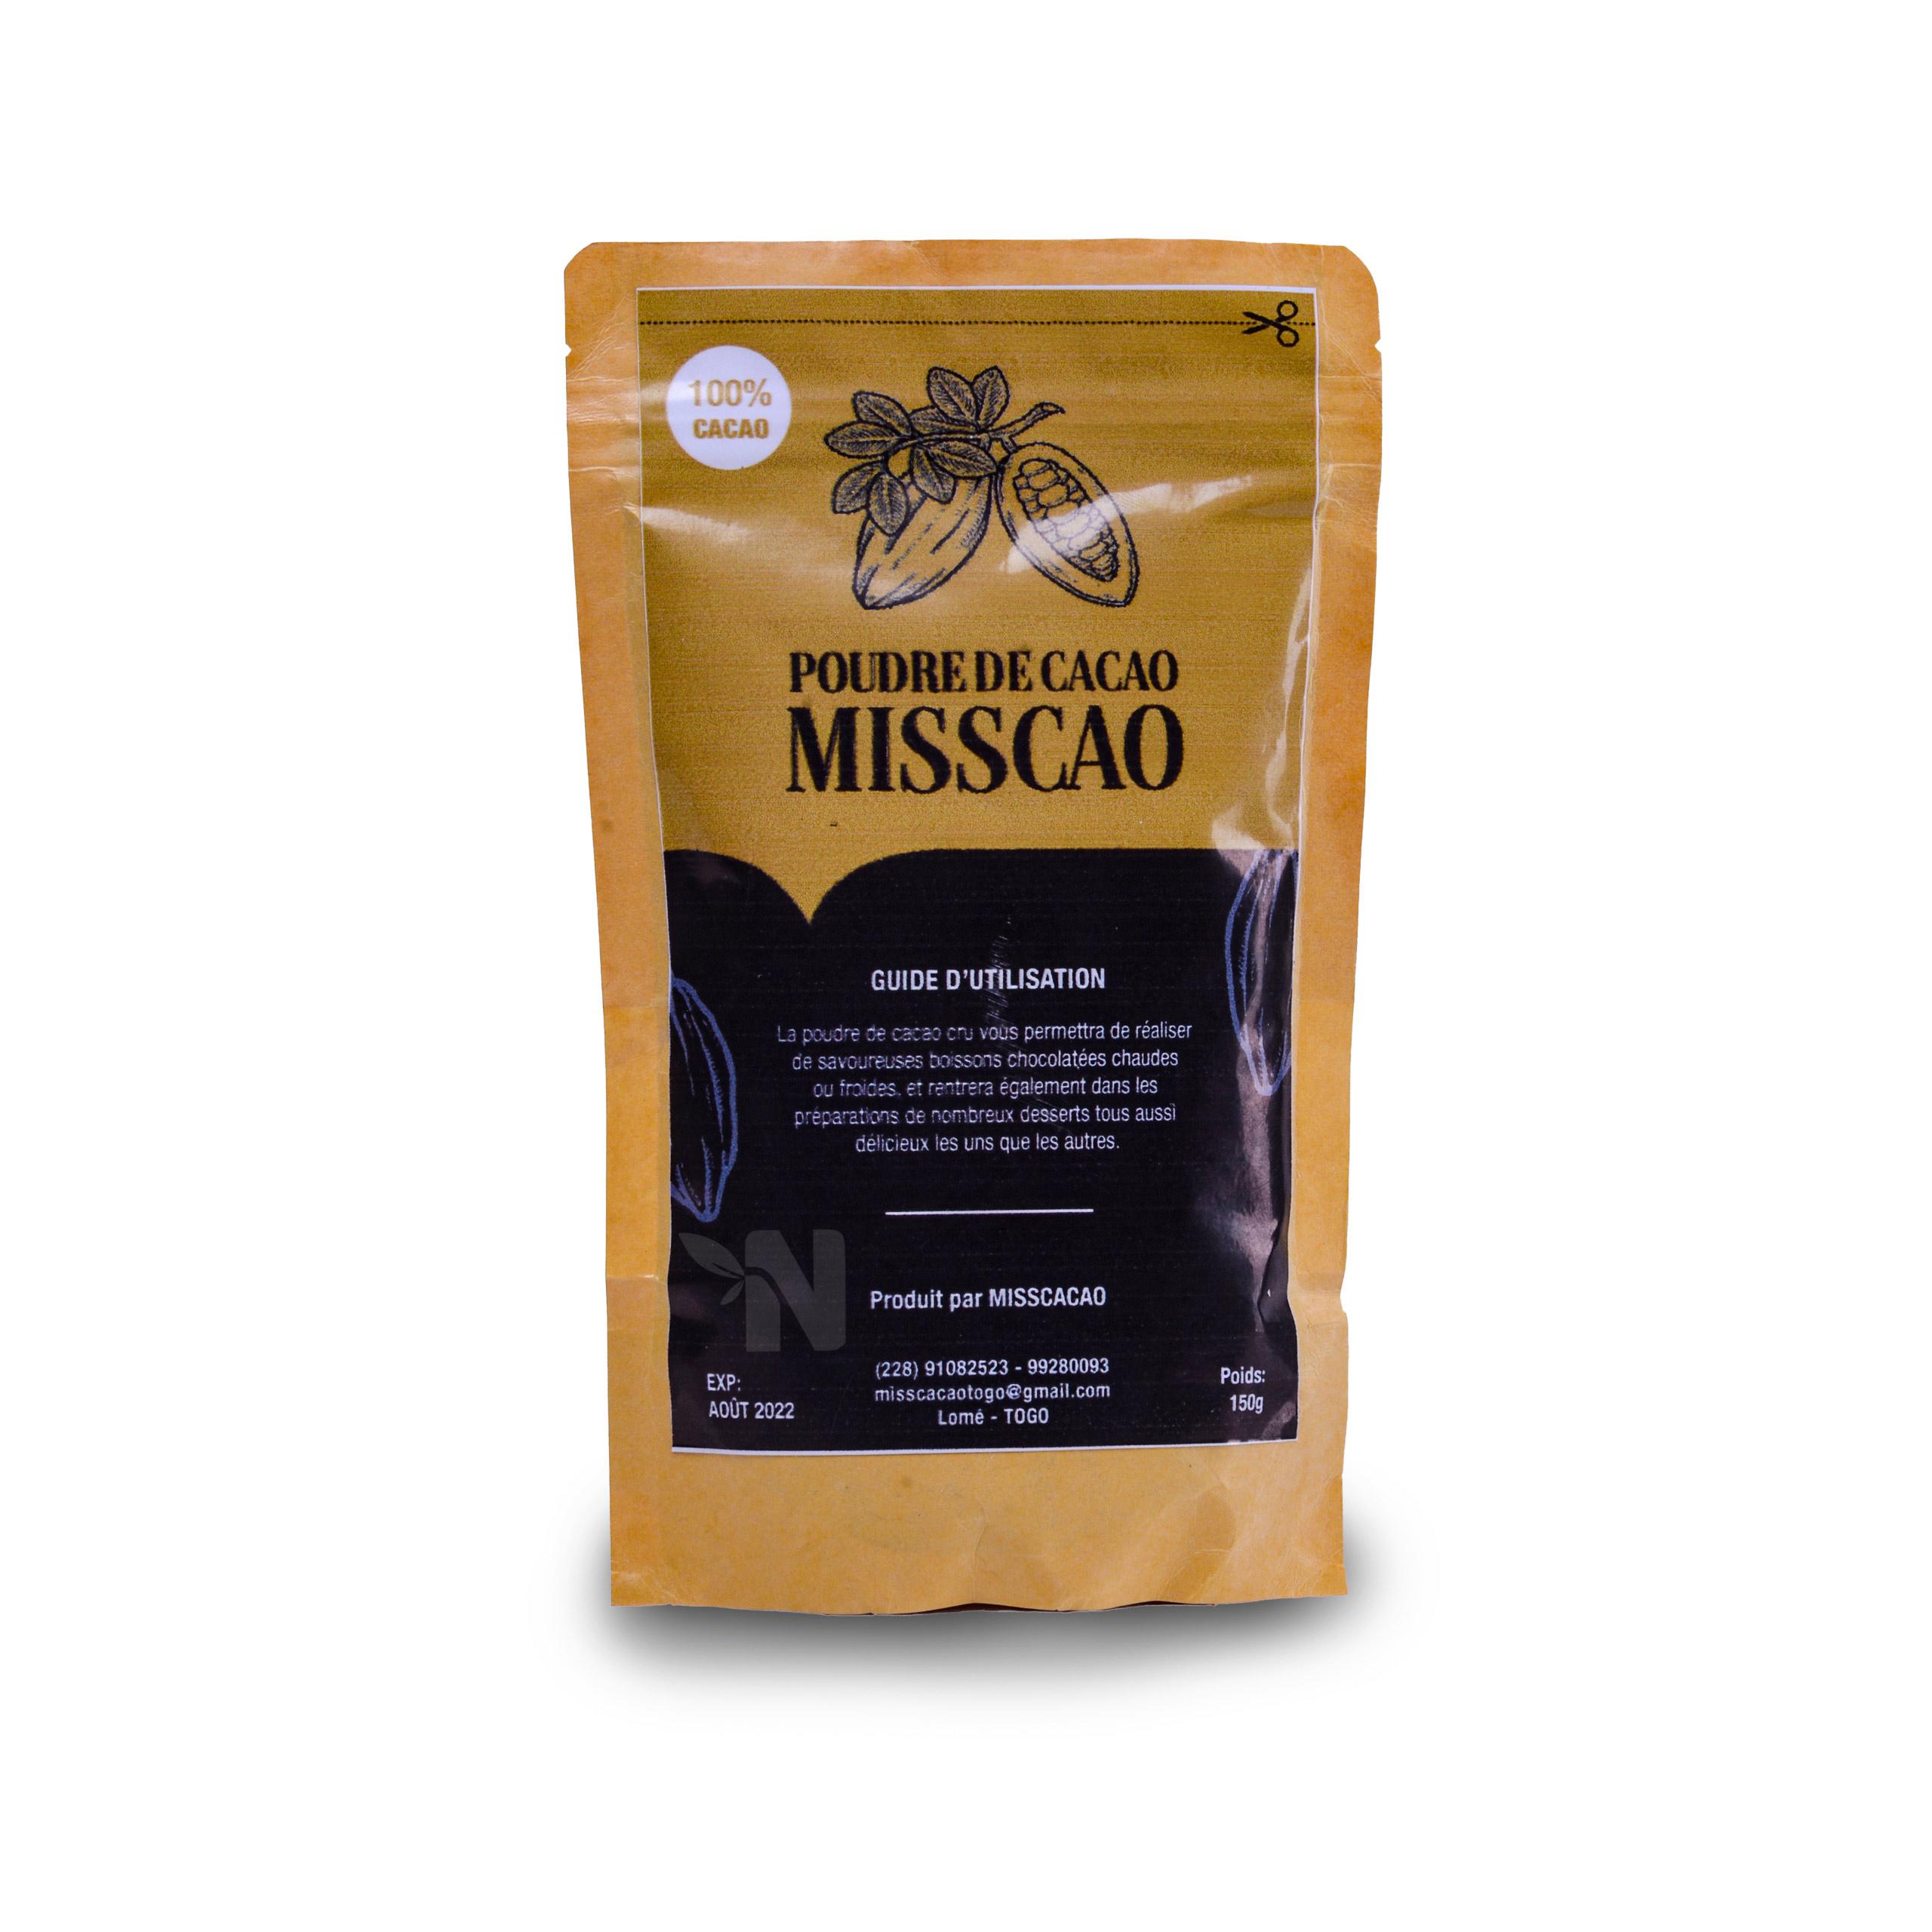 Poudre de cacao MISS CAO